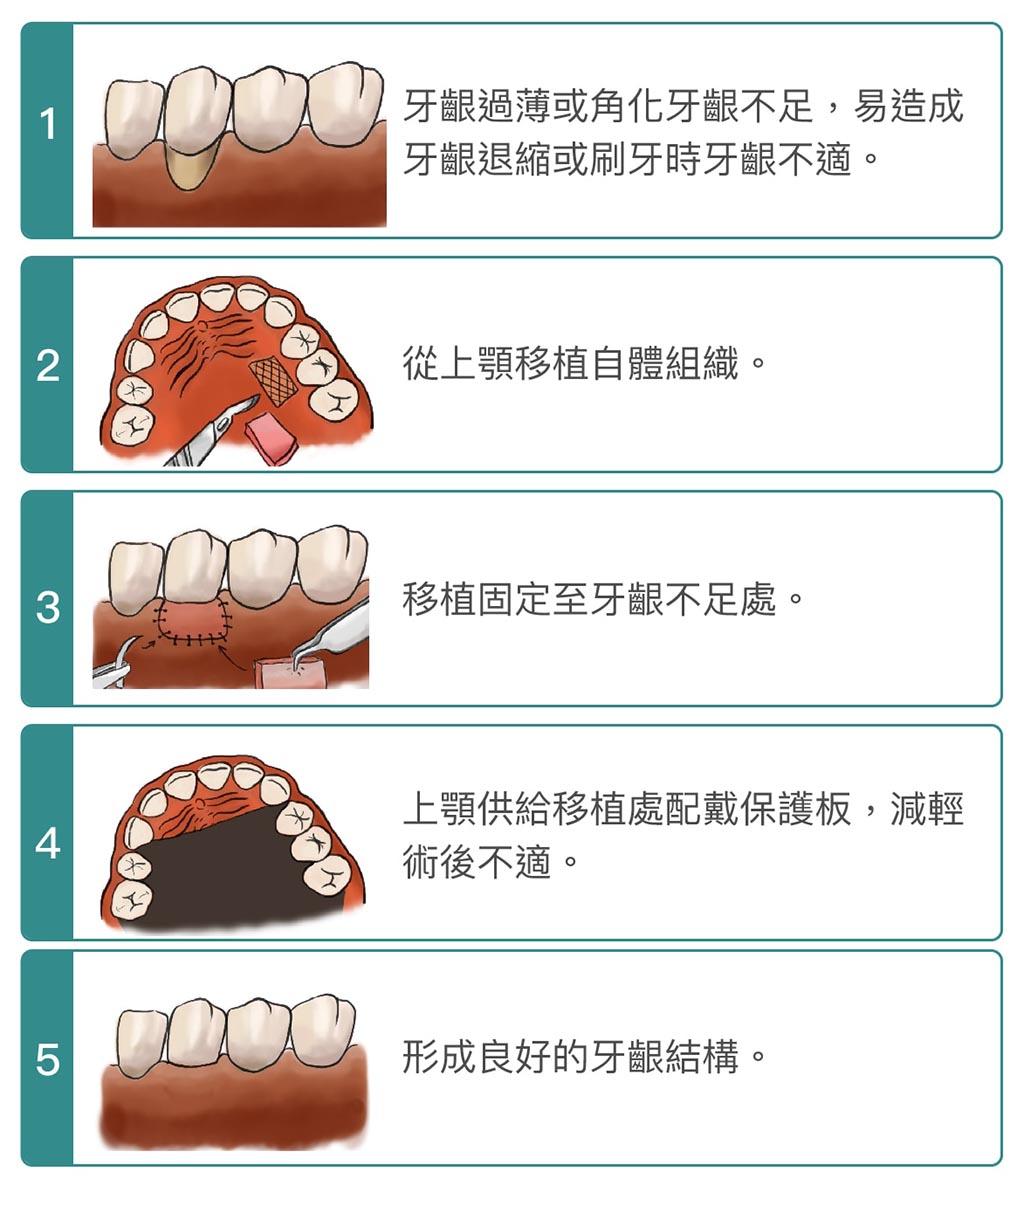 牙根覆蓋術-手術步驟-牙齦手術-葉立維醫師-桃園